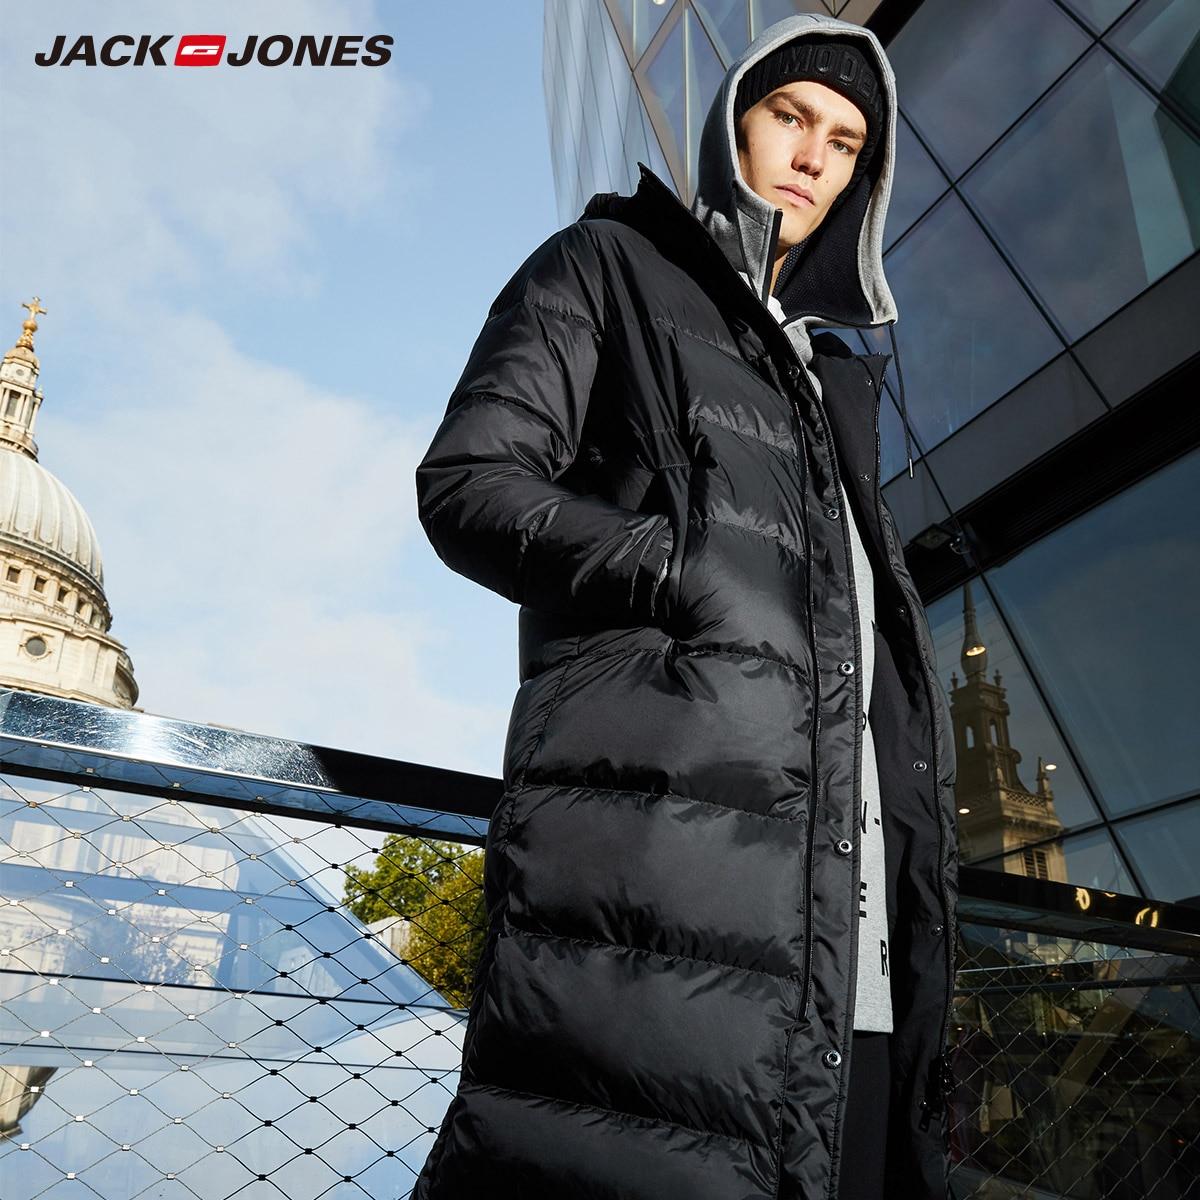 JackJones de invierno de los hombres con capucha al aire libre ropa de invierno Casual moda jacketCoat prêt   218312528  